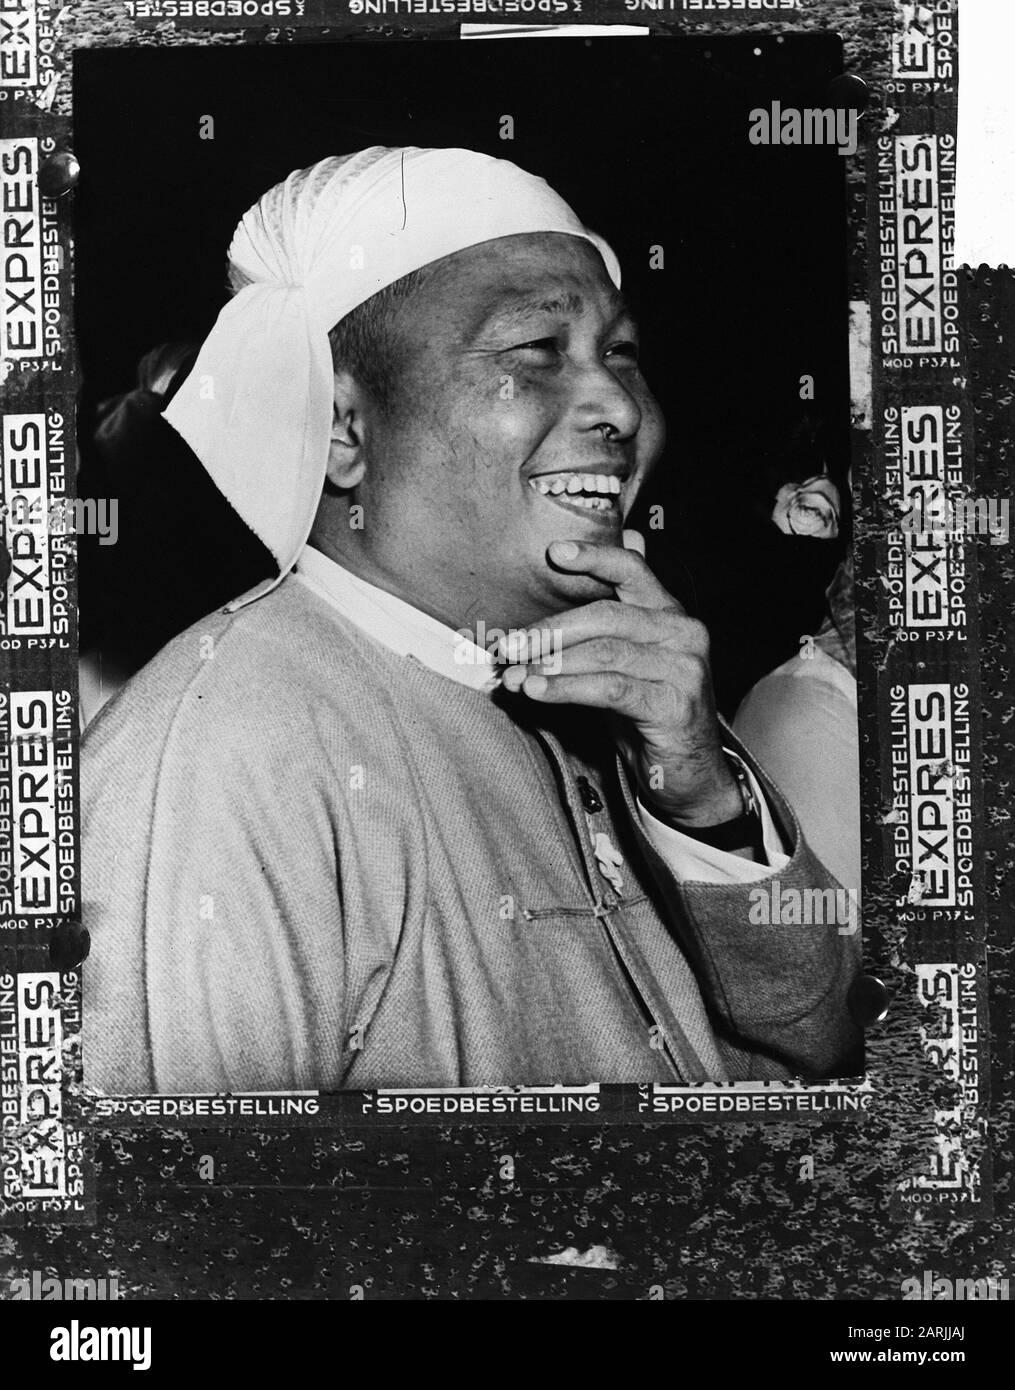 Golpe de Estado en Birmania, premier U Now Fecha: 2 de marzo de 1962 lugar: Birmania palabras clave: Premiers Foto de stock